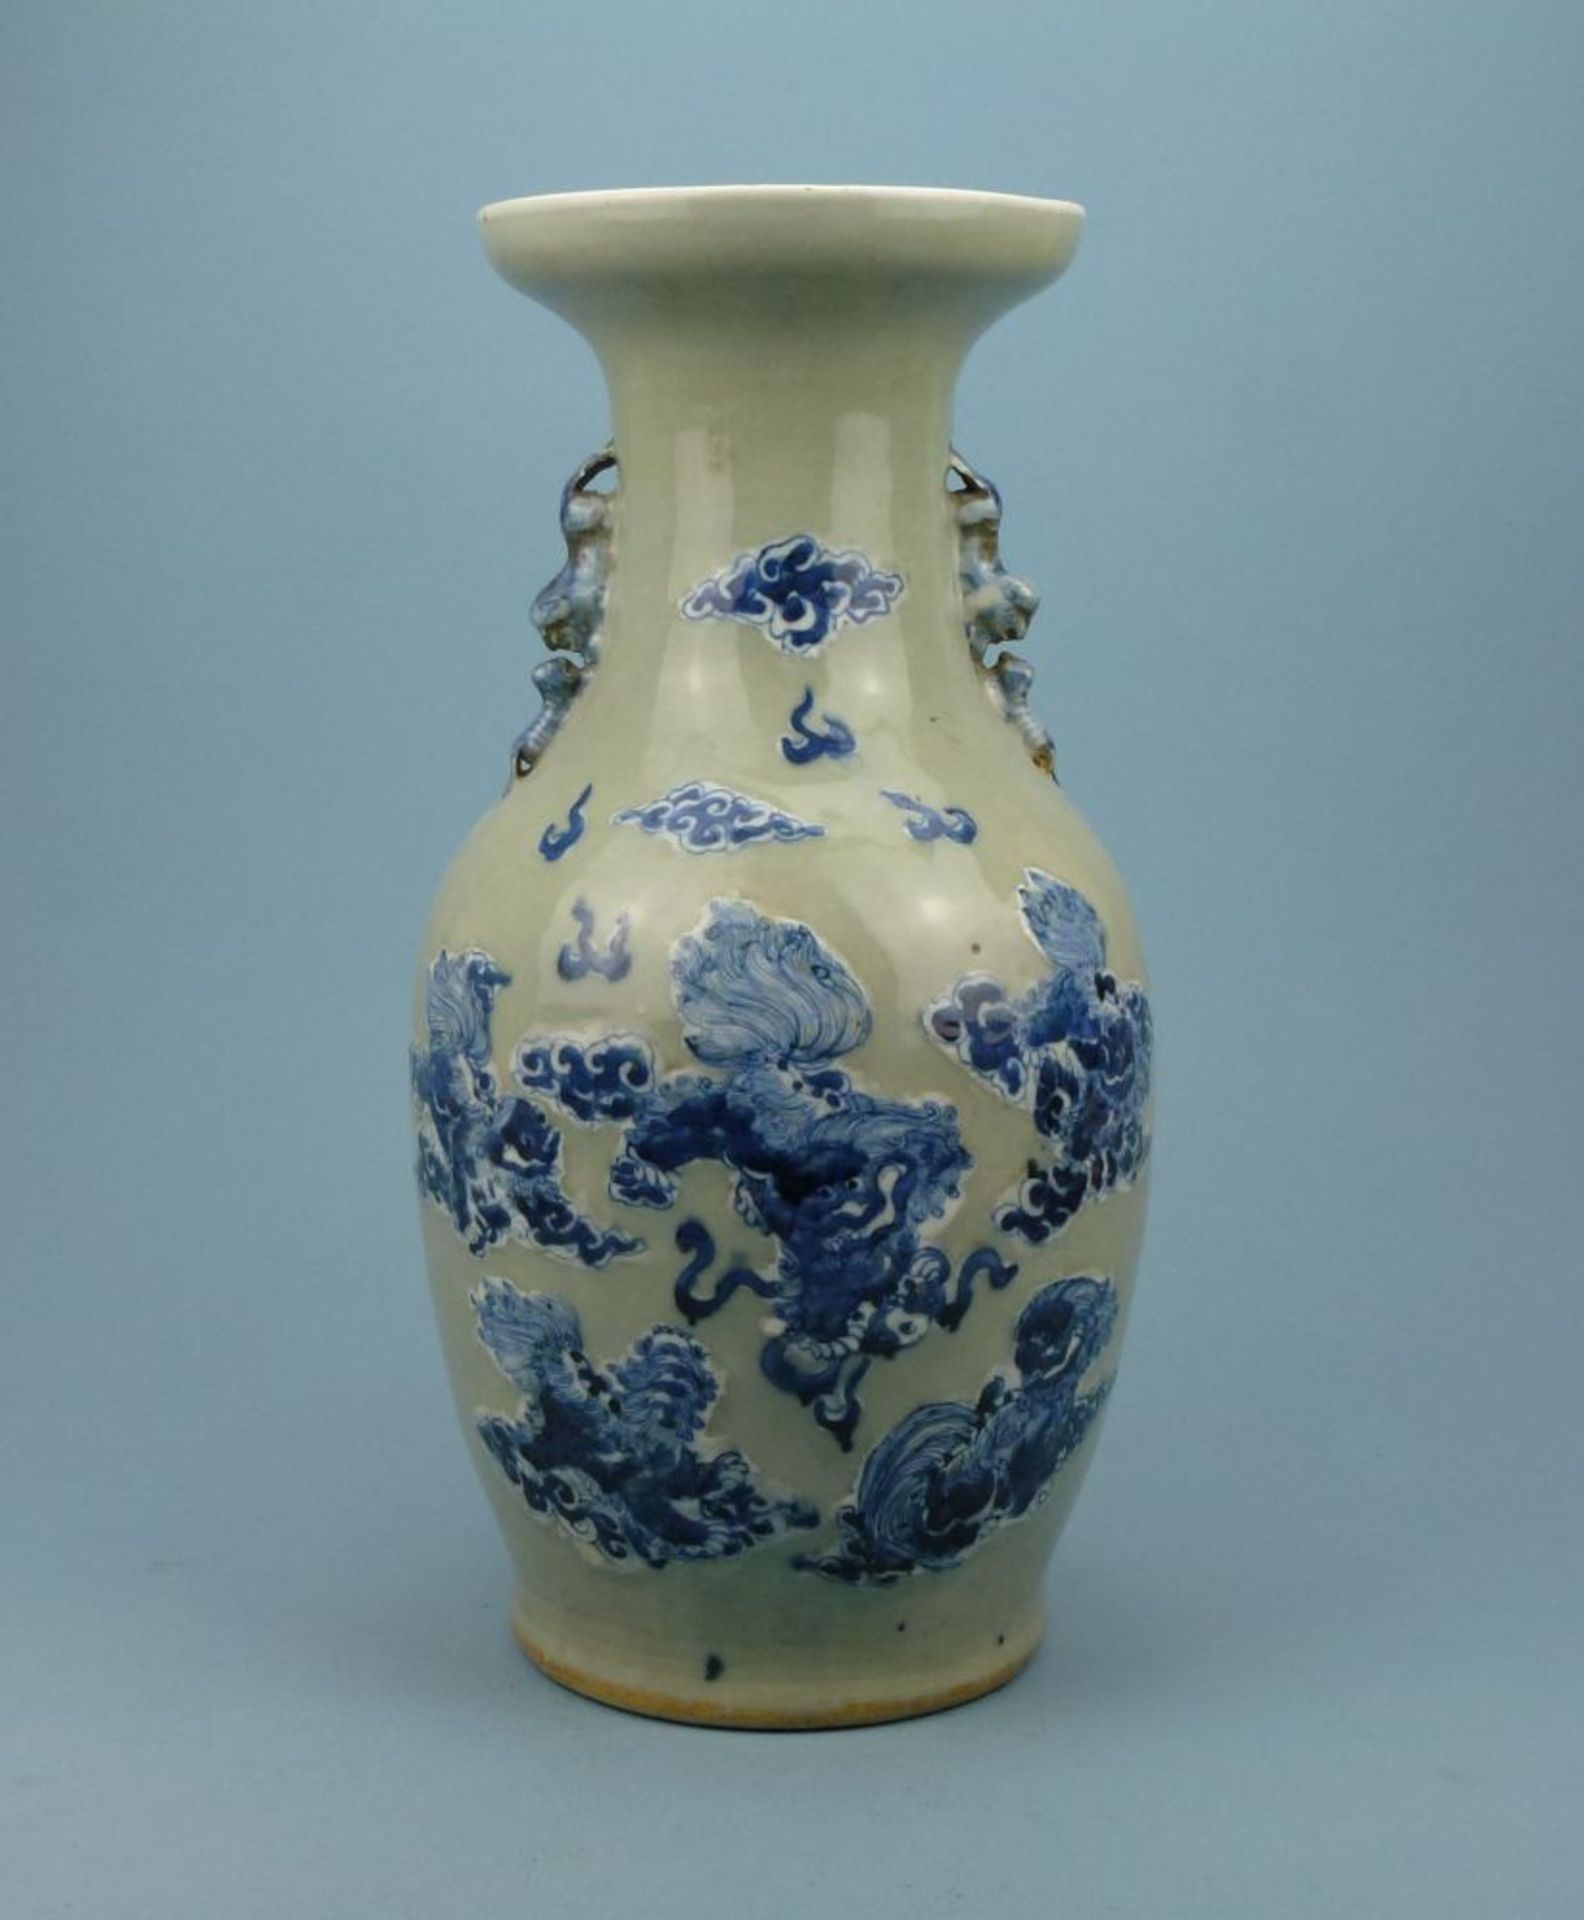 Bodenvase, Asienovoid, Trompetenkragen, Seladon, leicht reliefierte Blaumalerei-Drachen, Löwen-